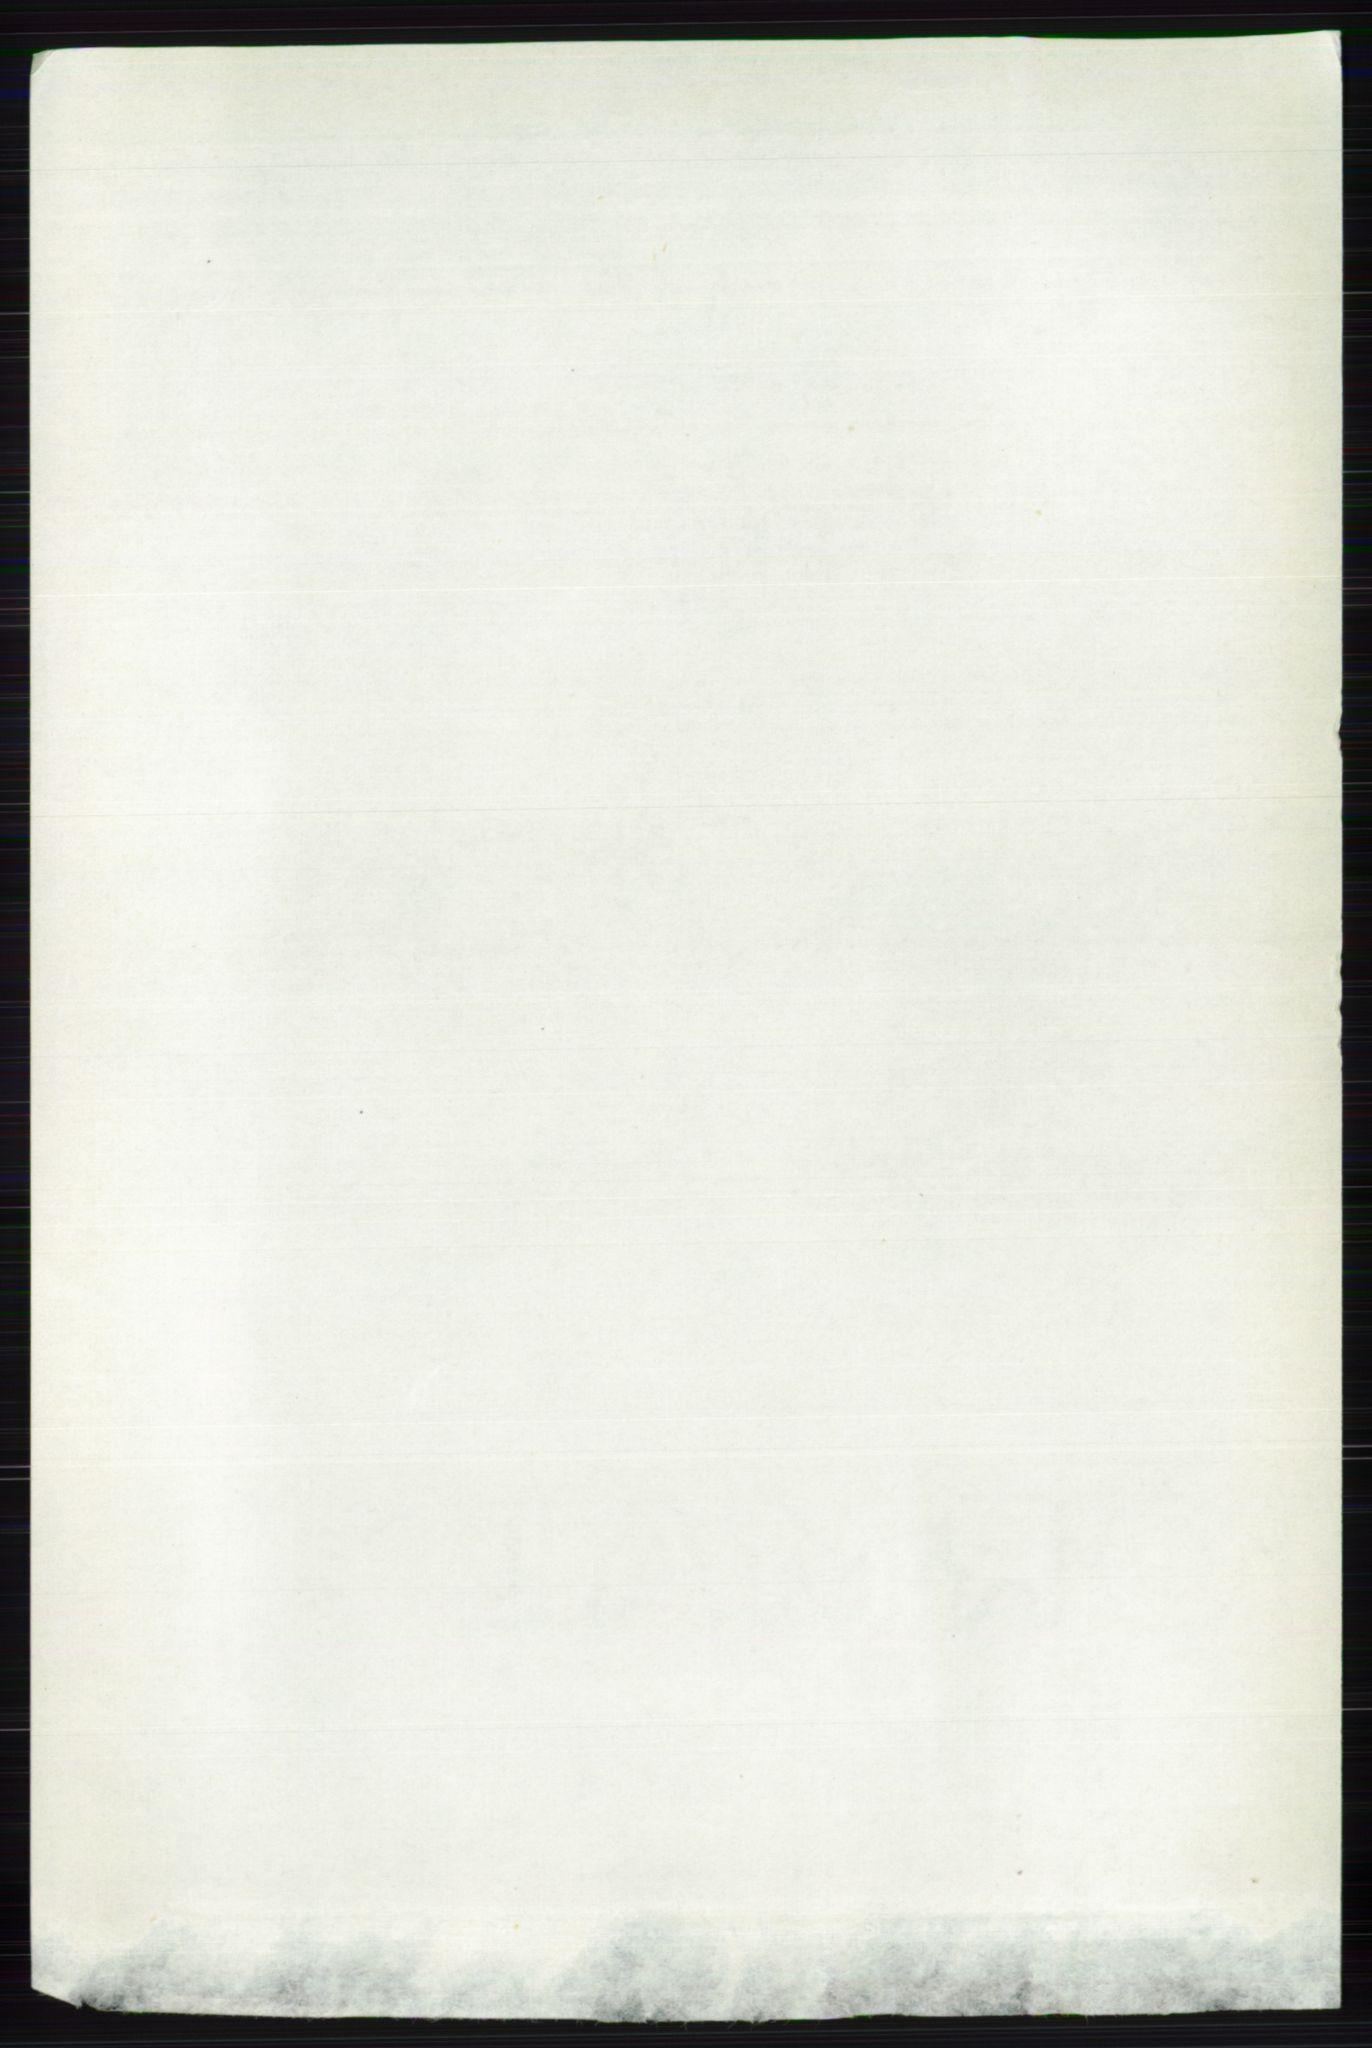 RA, Folketelling 1891 for 0429 Åmot herred, 1891, s. 3300